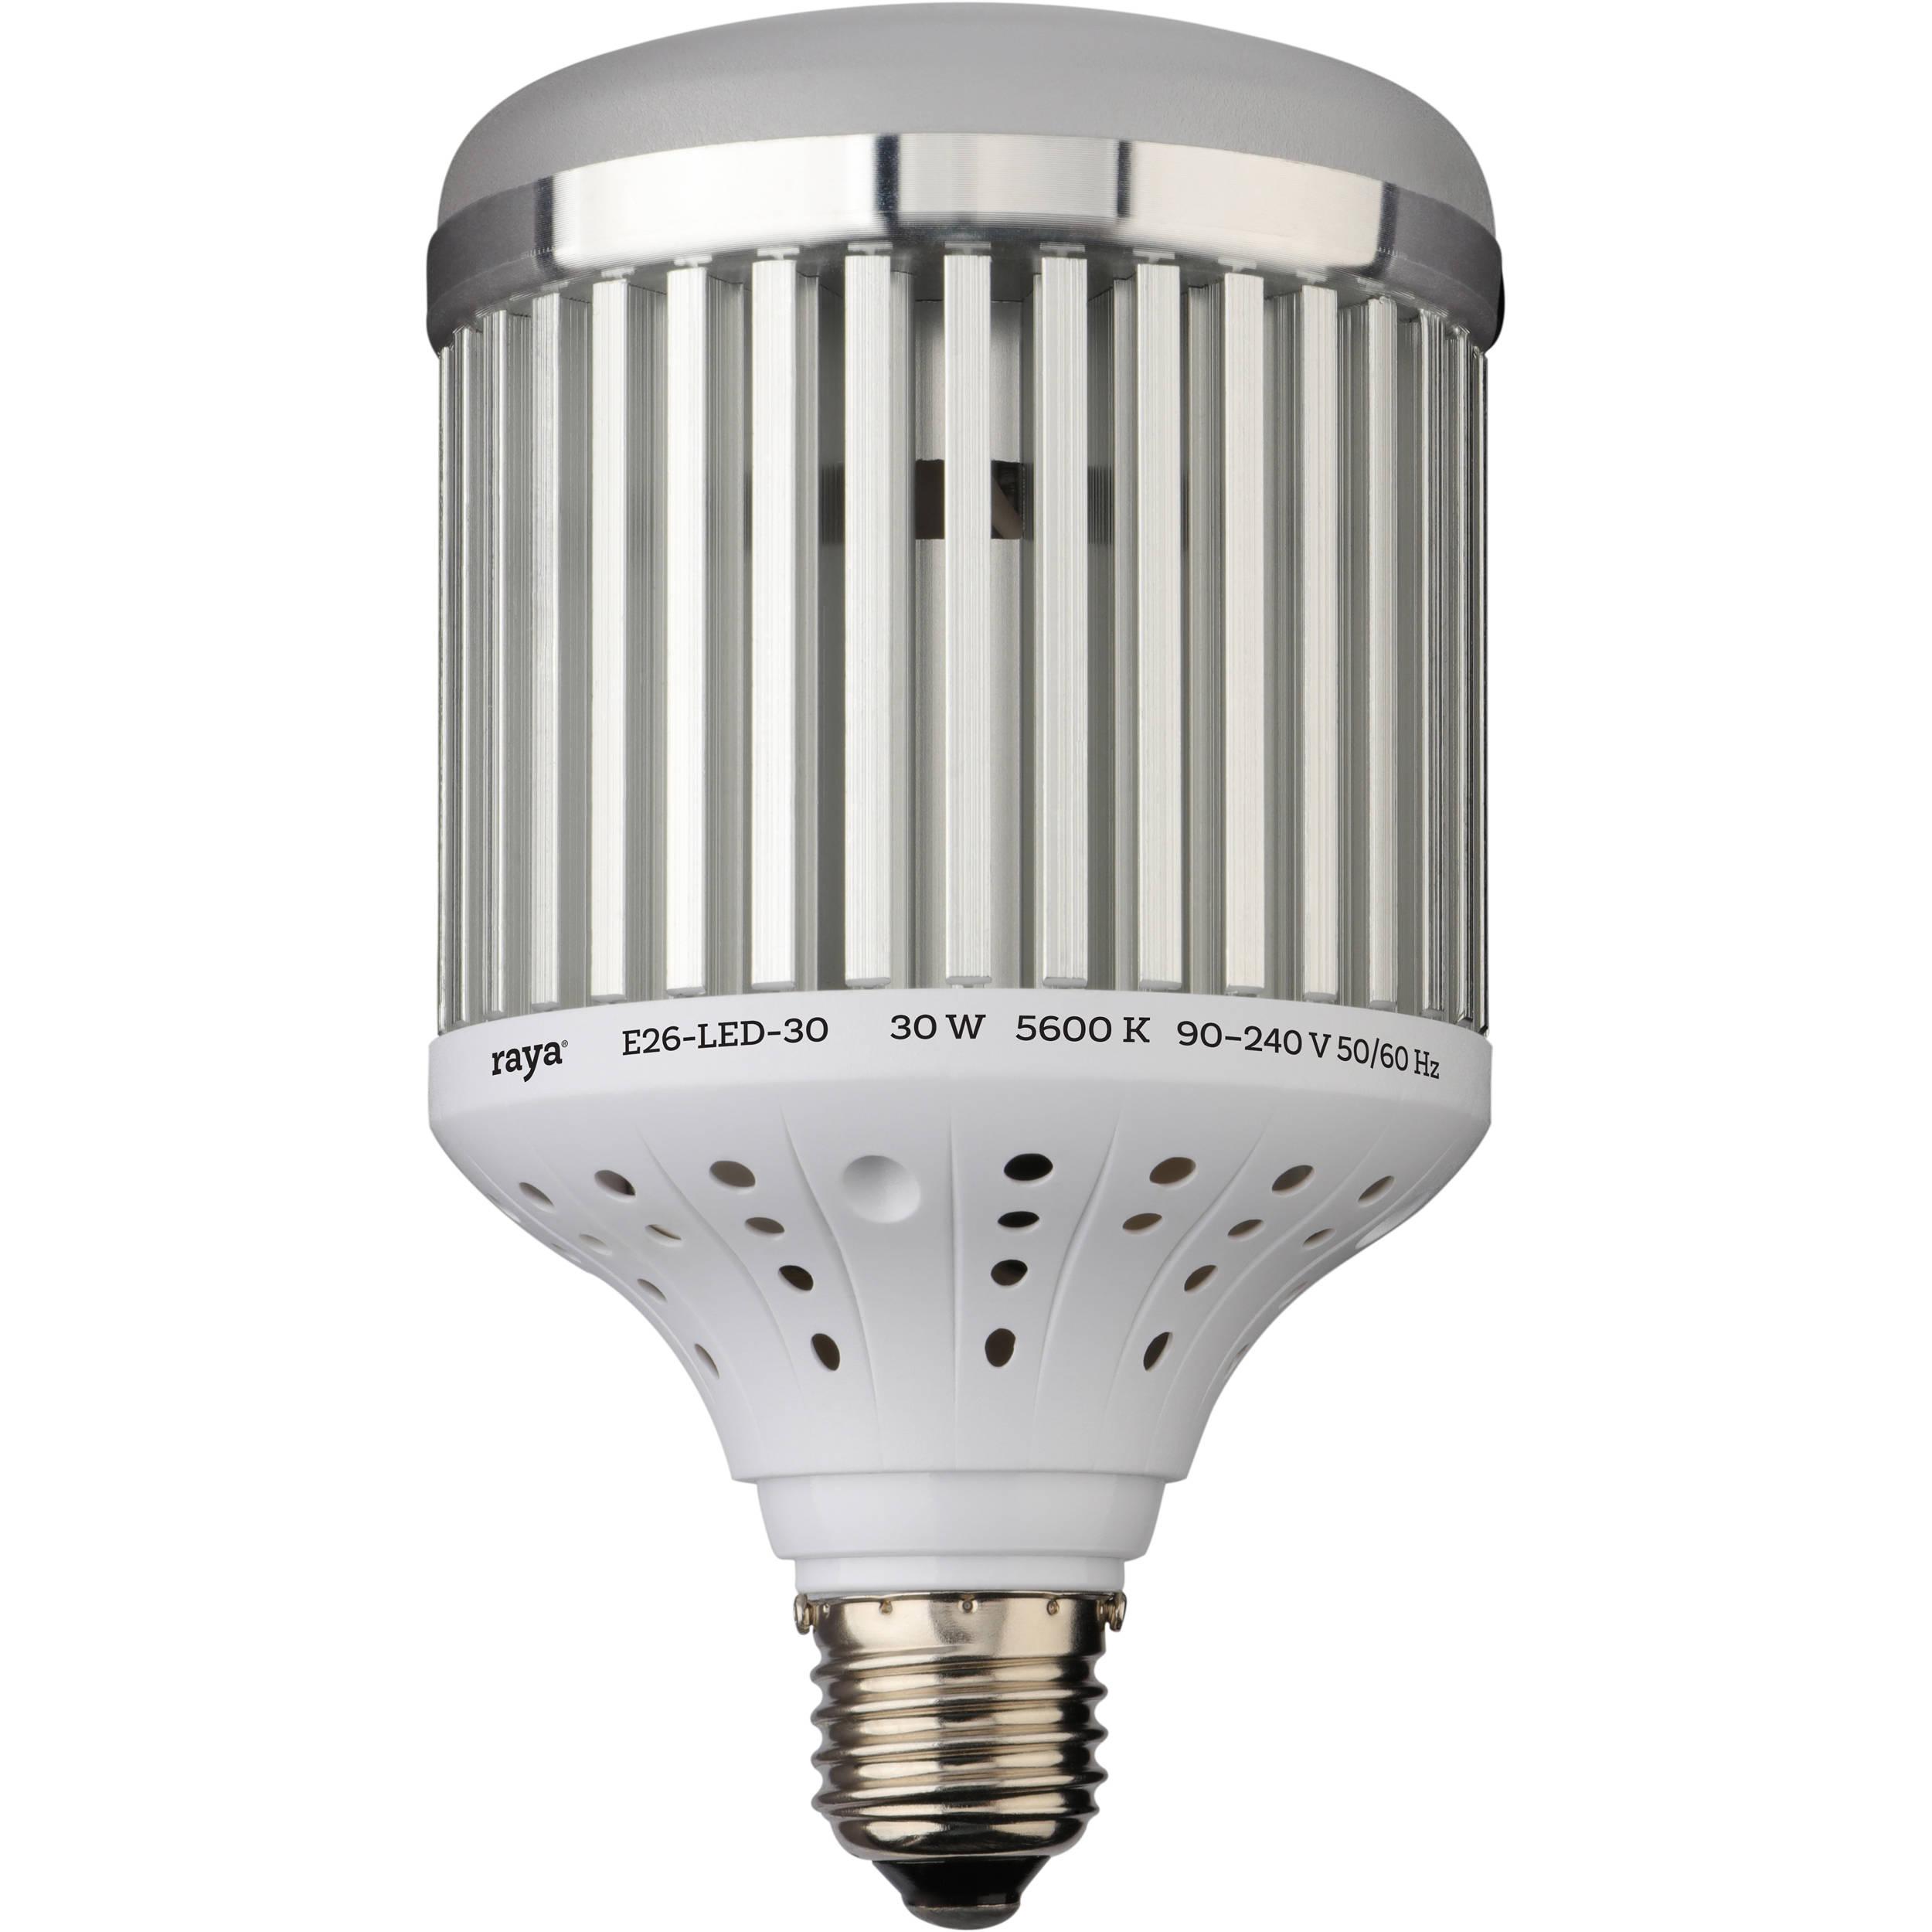 Raya Led Light Bulb 30w E26 30 B